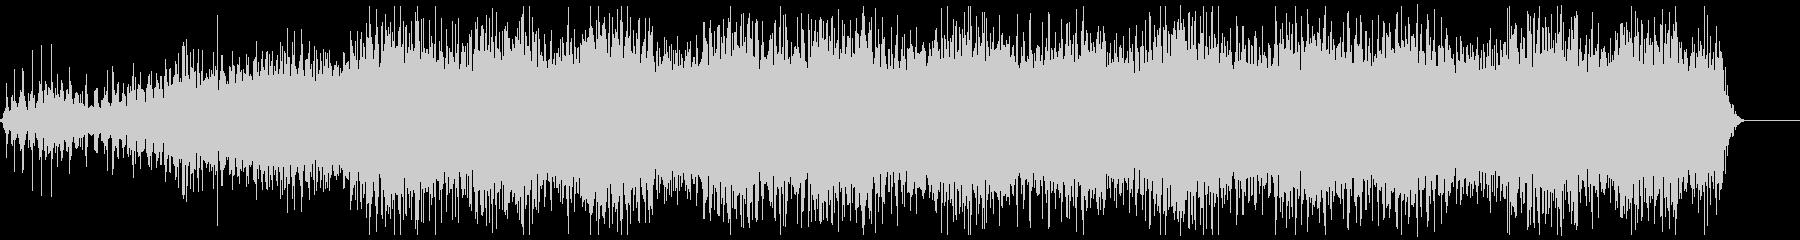 機械稼働音 4の未再生の波形